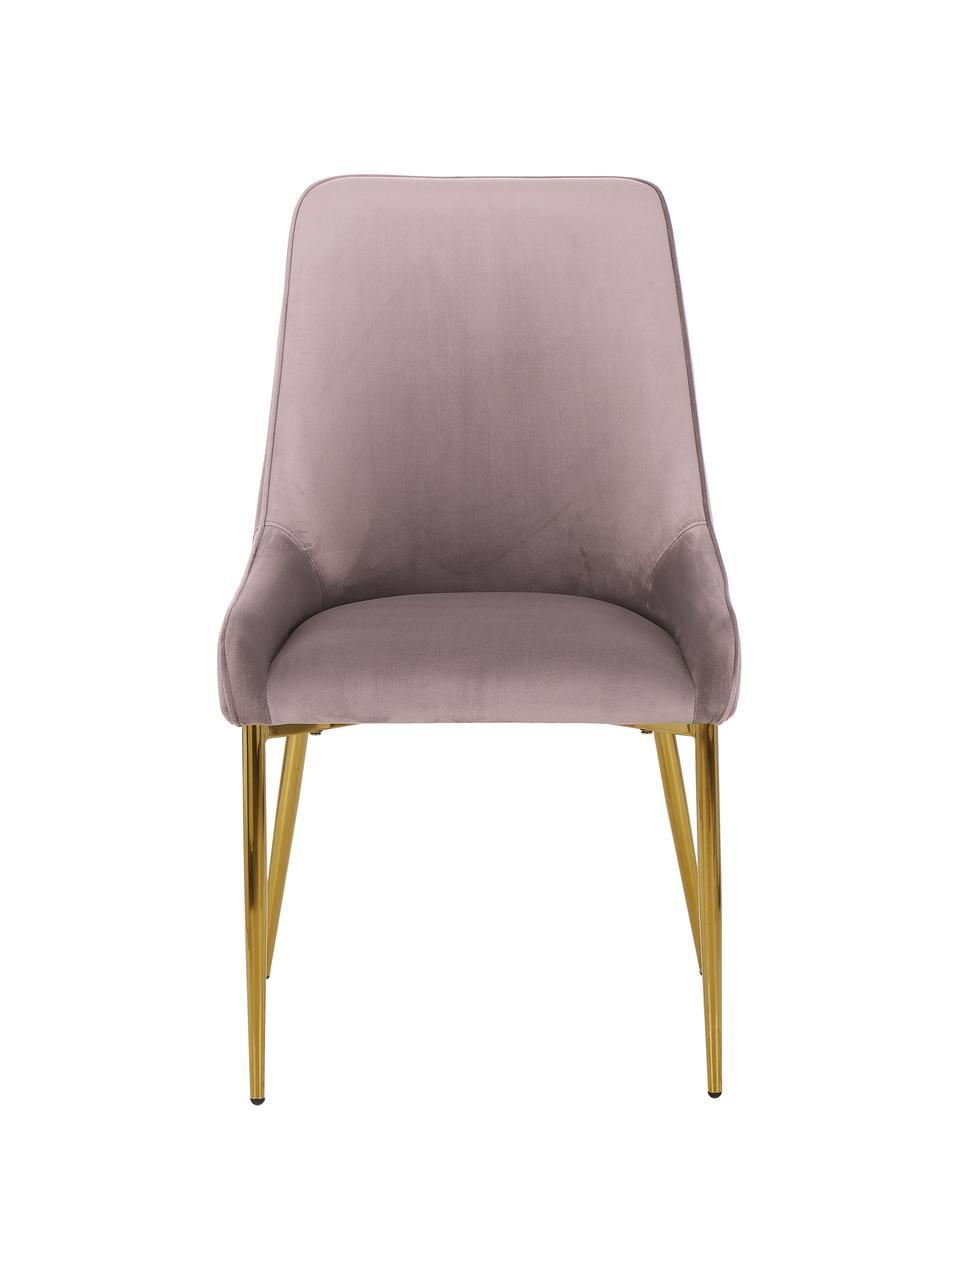 Sedia in velluto rosa Ava, Rivestimento: velluto (100% poliestere), Gambe: metallo zincato, Velluto malva, Larg. 53 x Alt. 60 cm